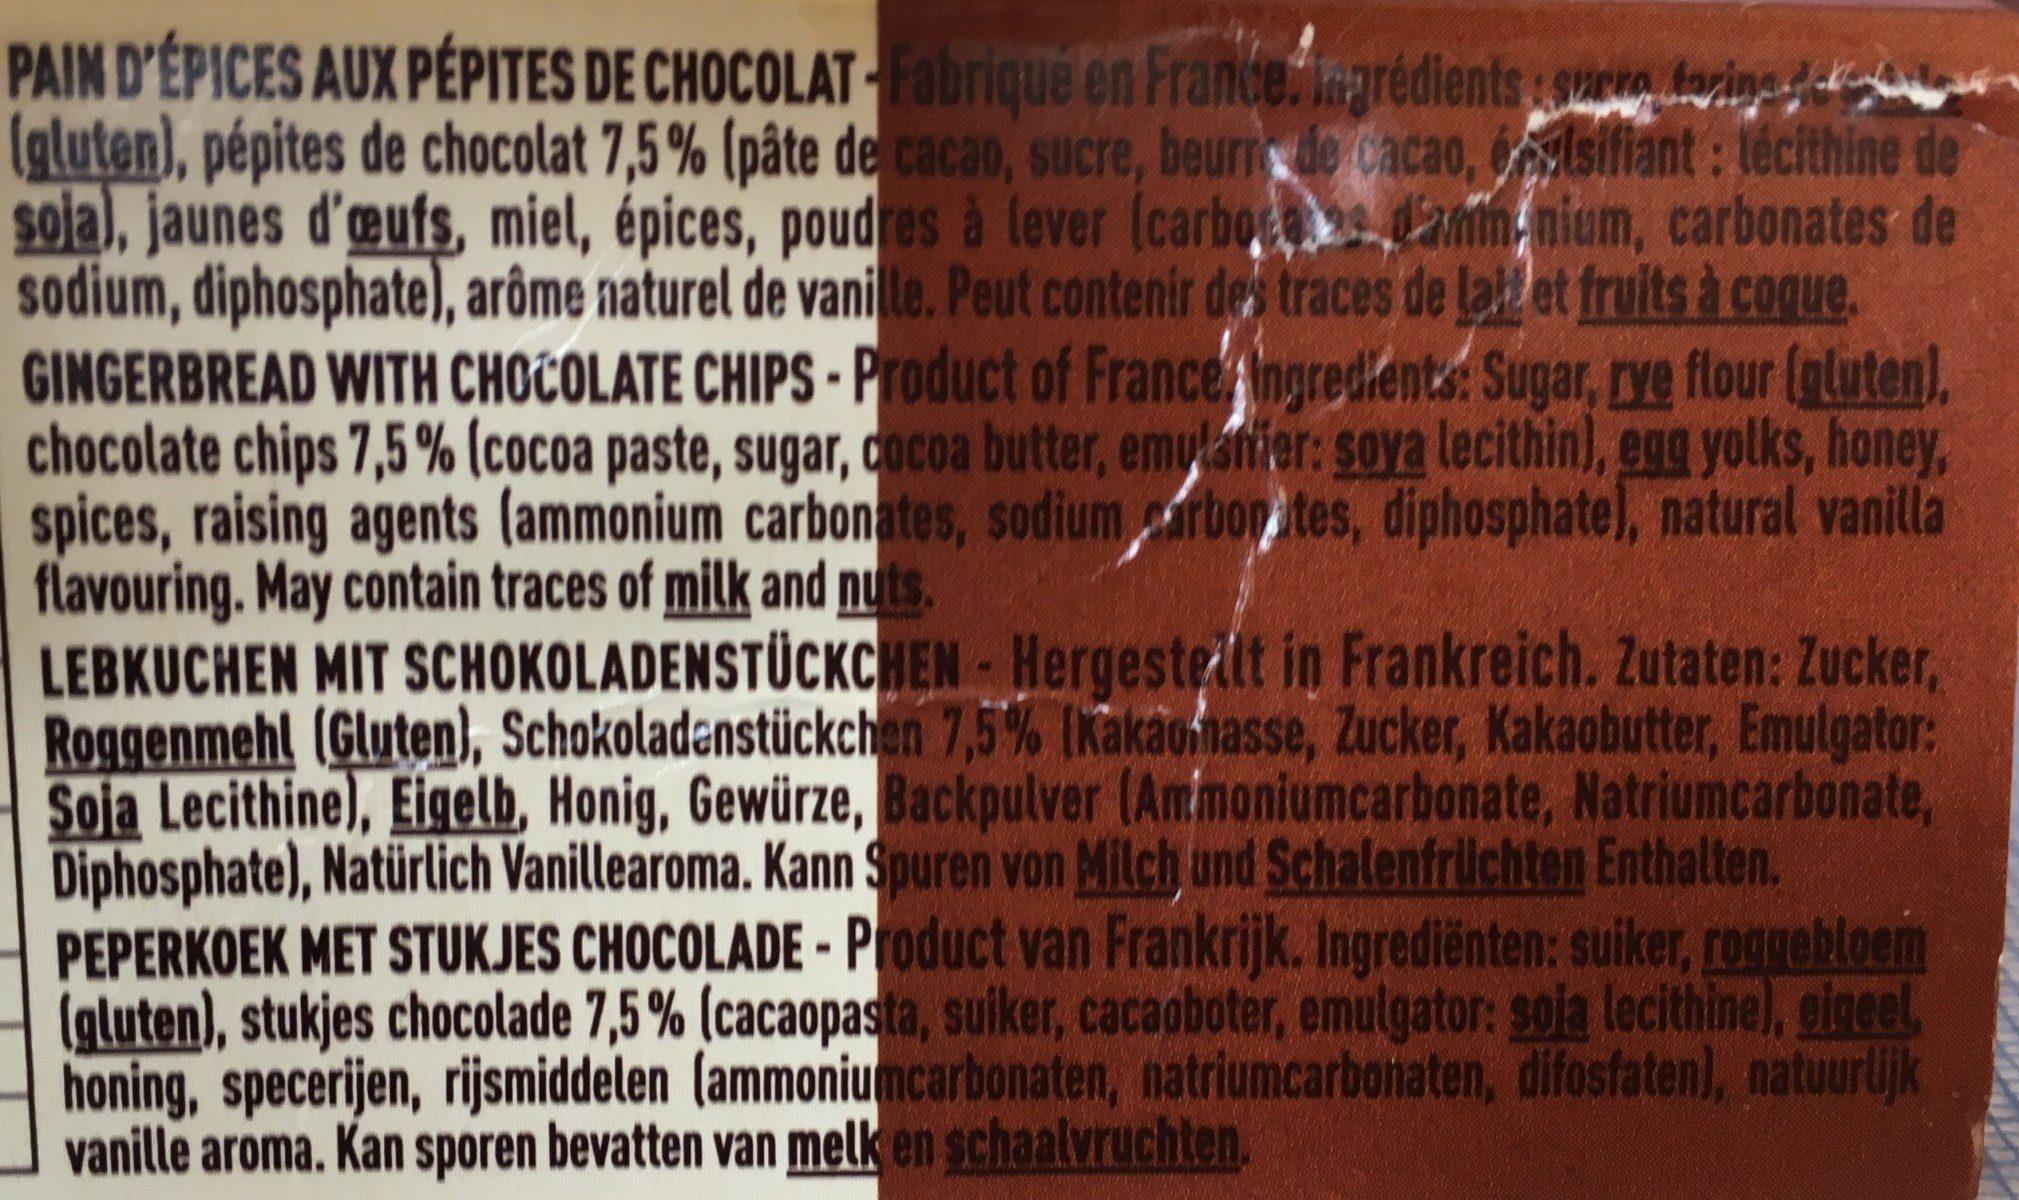 Pain d'épices goûter aux pépites de chocolat - Ingrediënten - fr